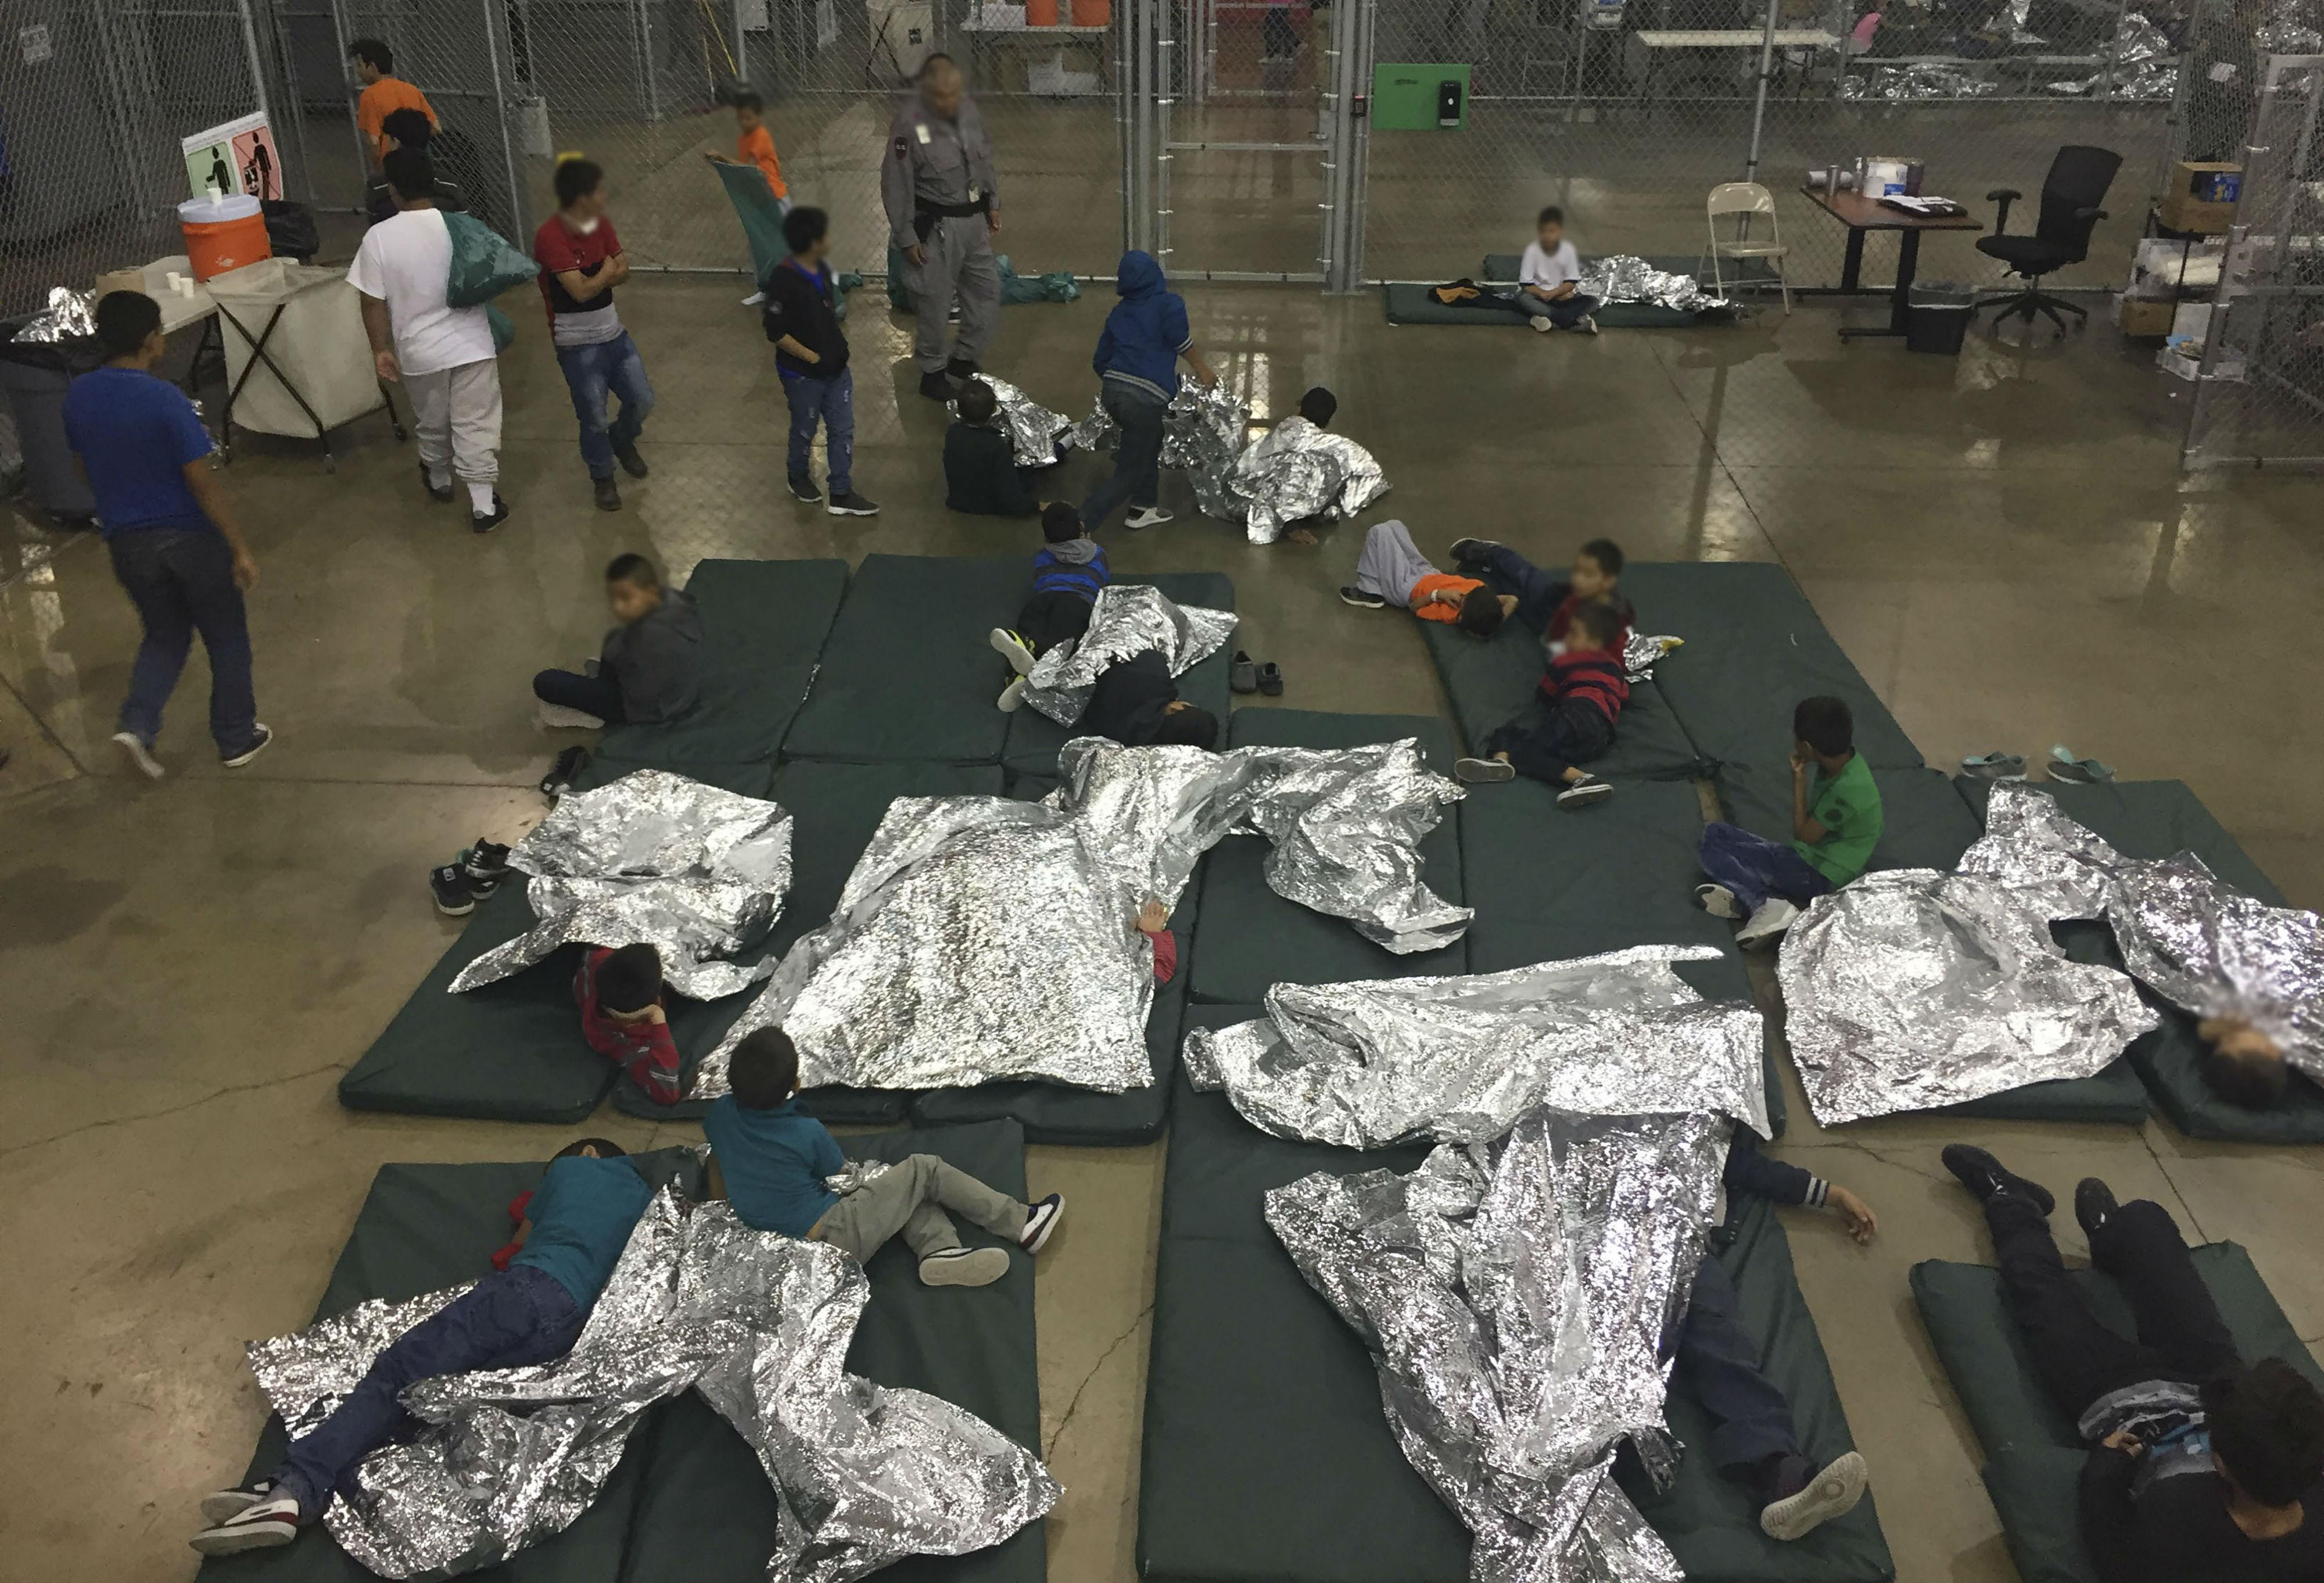 Niños migrantes separados de sus familias al ingresar a Estados Unidos